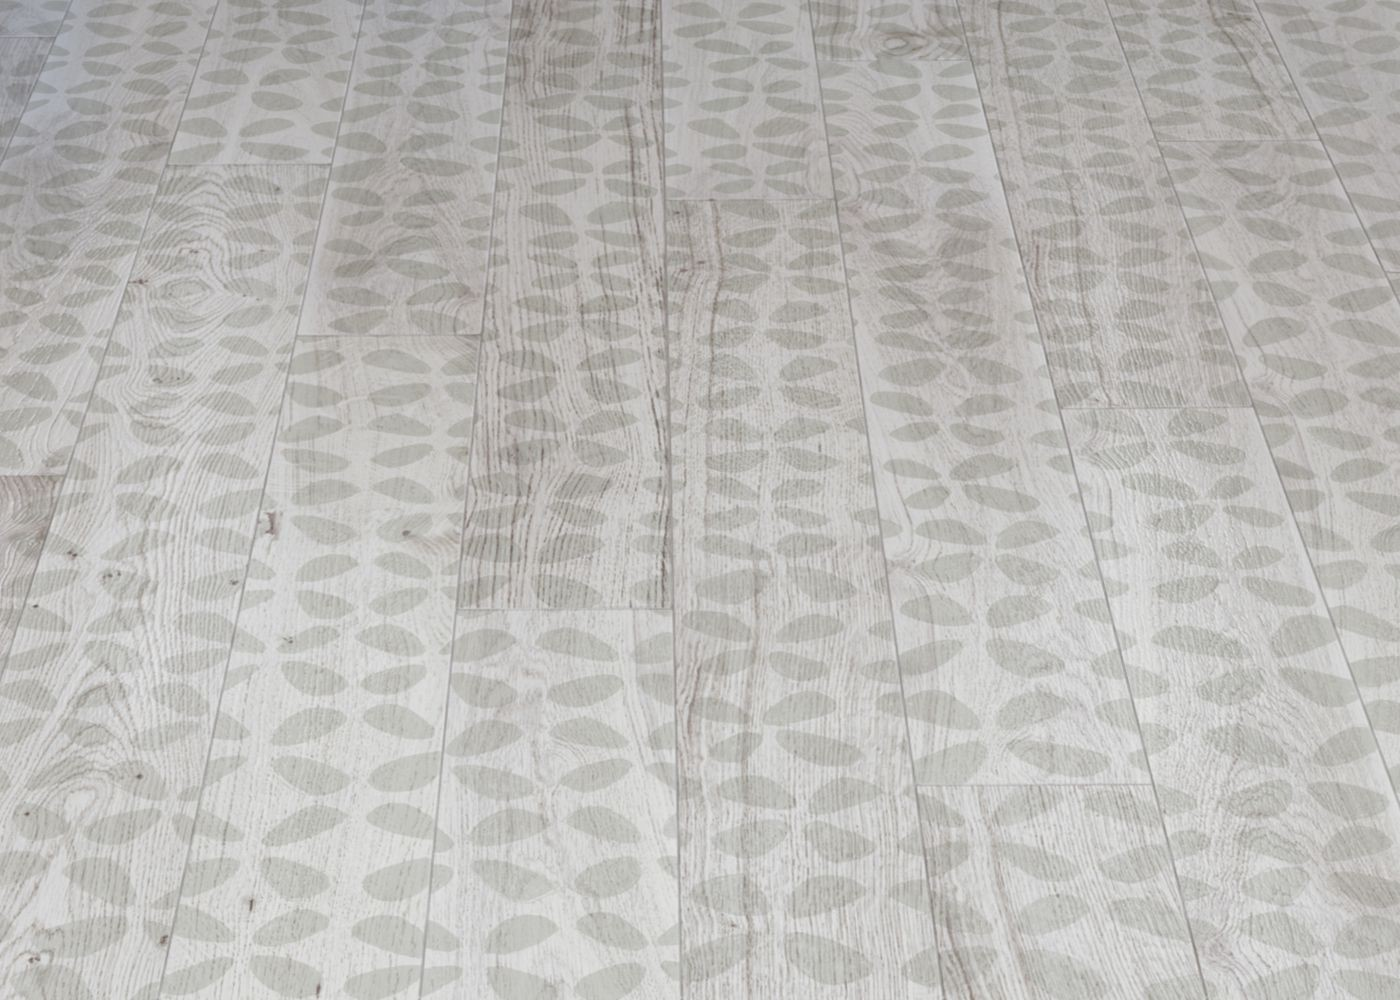 Parquet Contrecollé Monolame Chêne G4 PR Bis Contemporain Vernis Brossé Mat Teinte Blanche - Design Archipetalli 1 (Nigel Coates )- Pefc - Fsc 13x120x1200